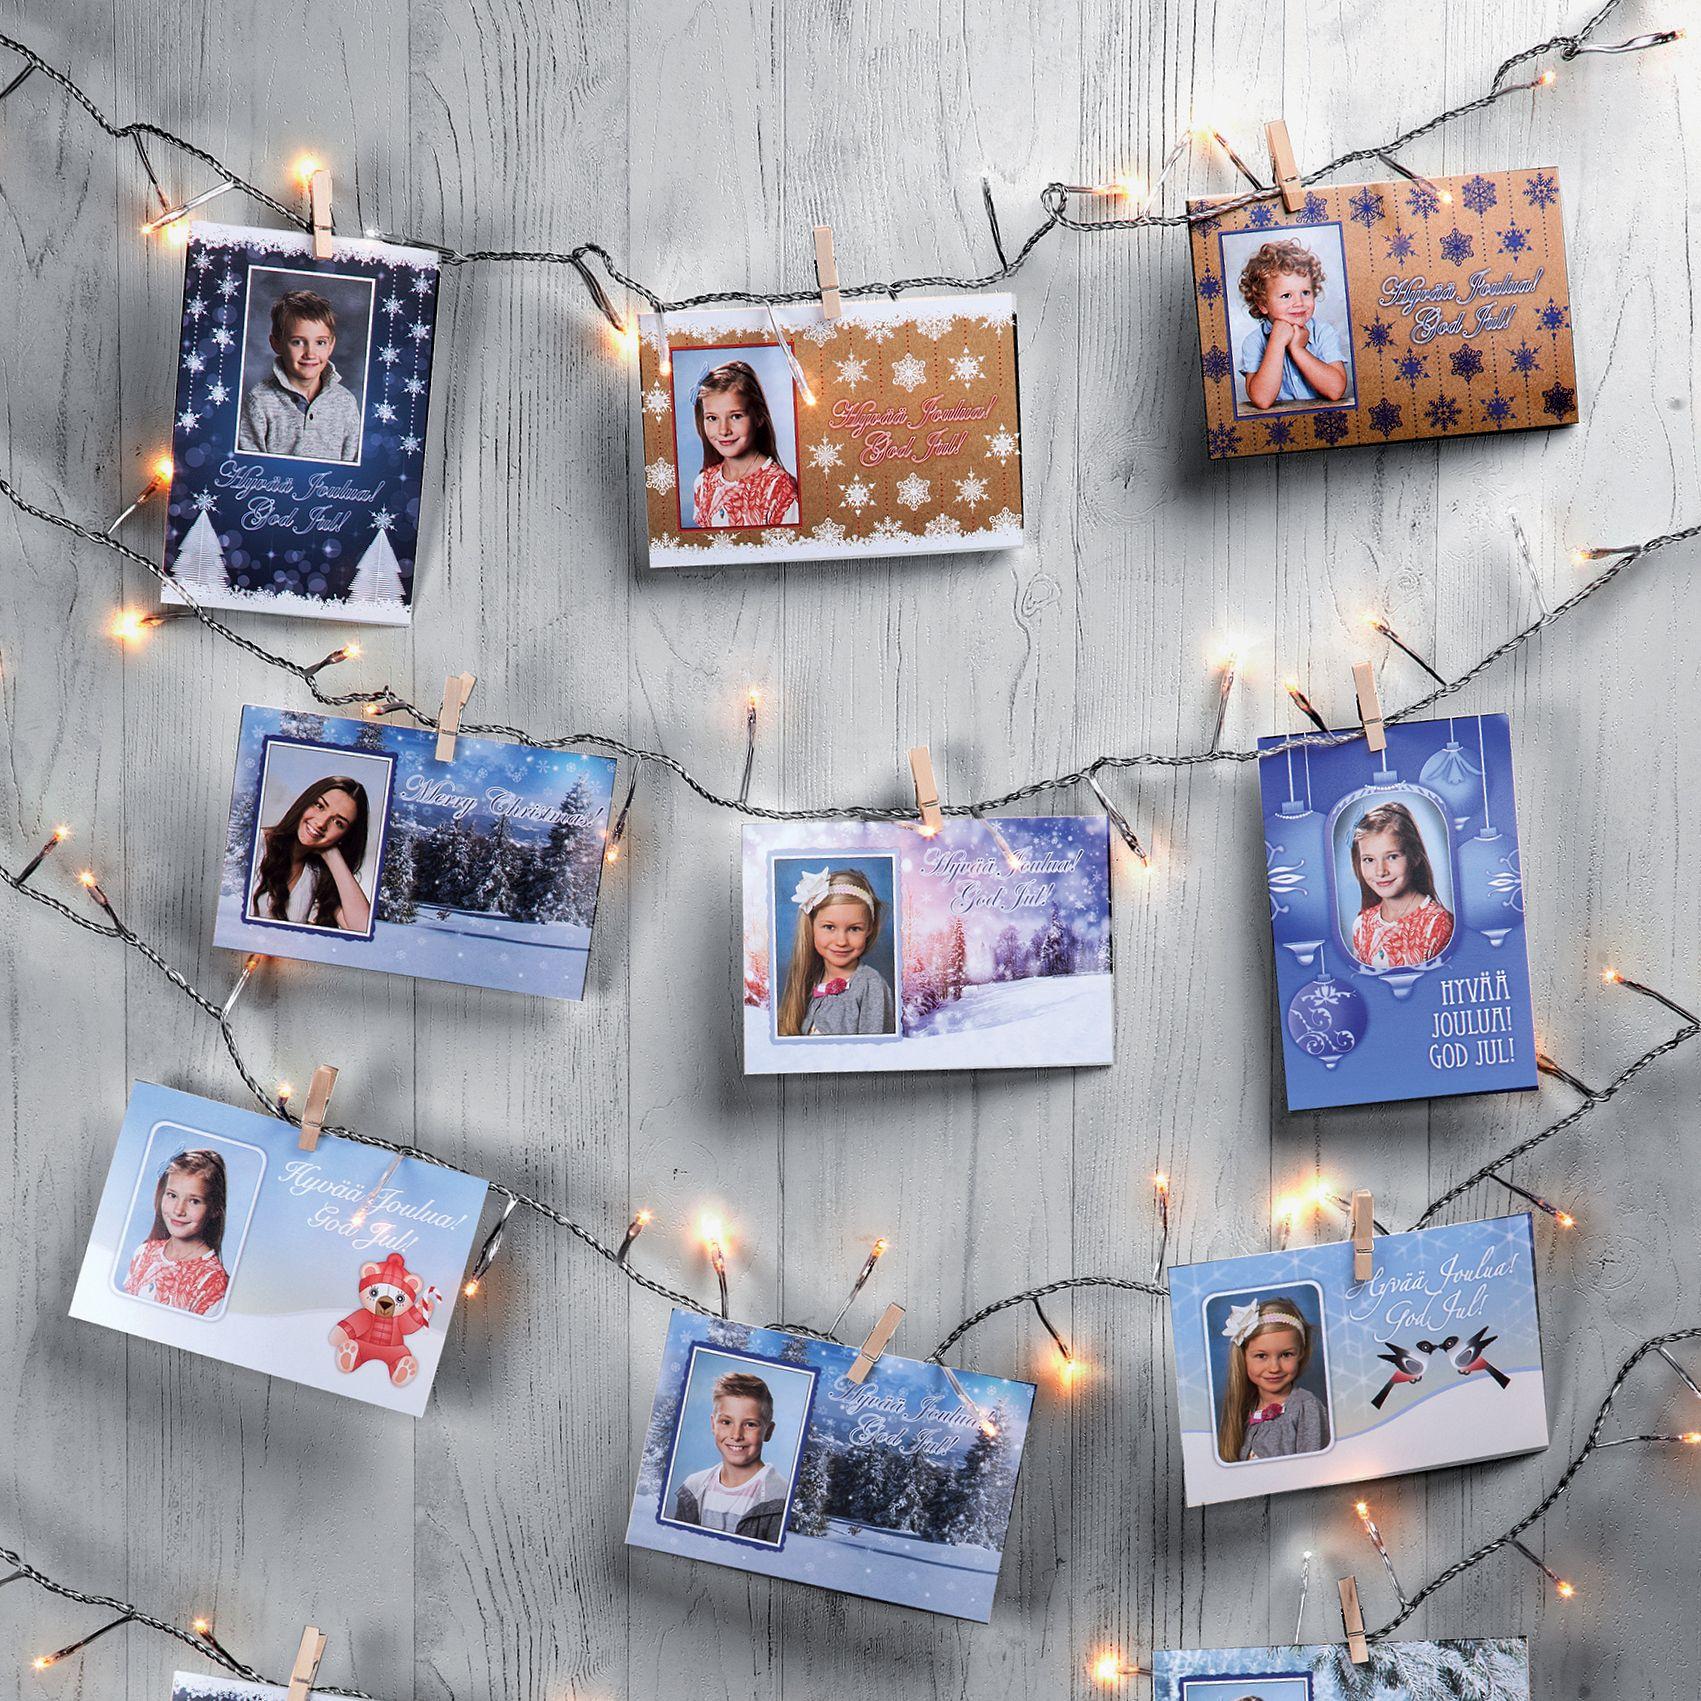 Ihanaa, nyt saa taas valmistella joulua!   kuvaverkko.fi   #joulukortti #terveiset #jouluvalot #joulu #sisustusidea #somistus #tunnelma #koulukuva #valokuva #kuvatuote #clickandmix #kuvaverkko